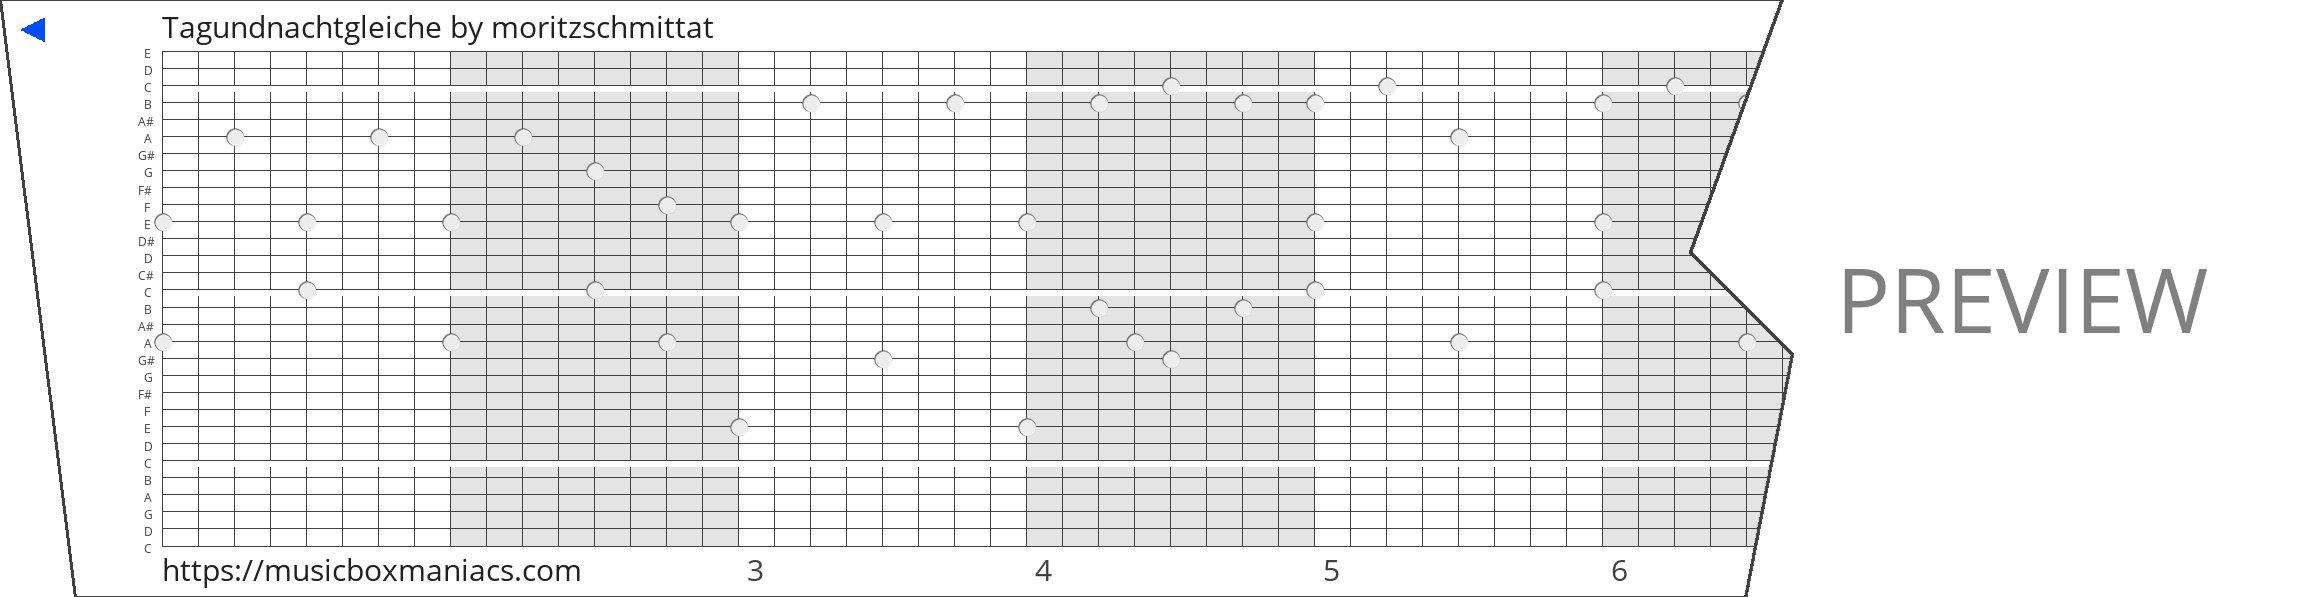 Tagundnachtgleiche 30 note music box paper strip